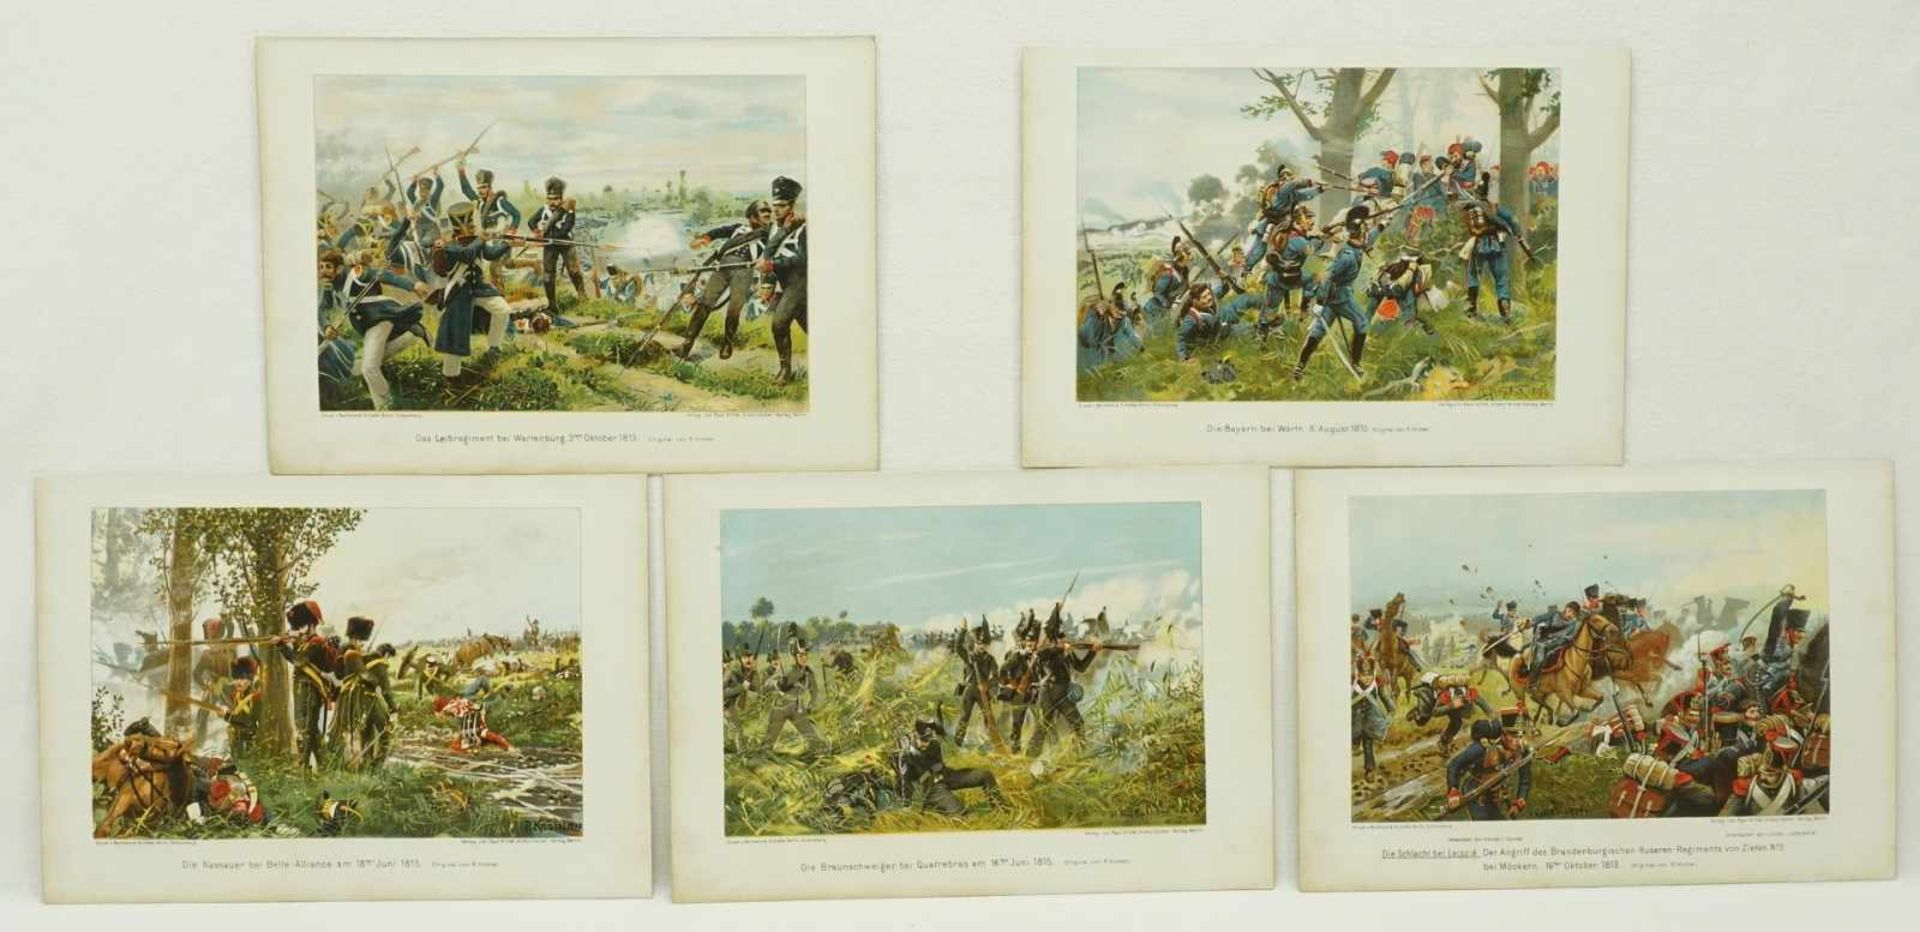 40 militärhistorische Kunstblätter - Bild 3 aus 3